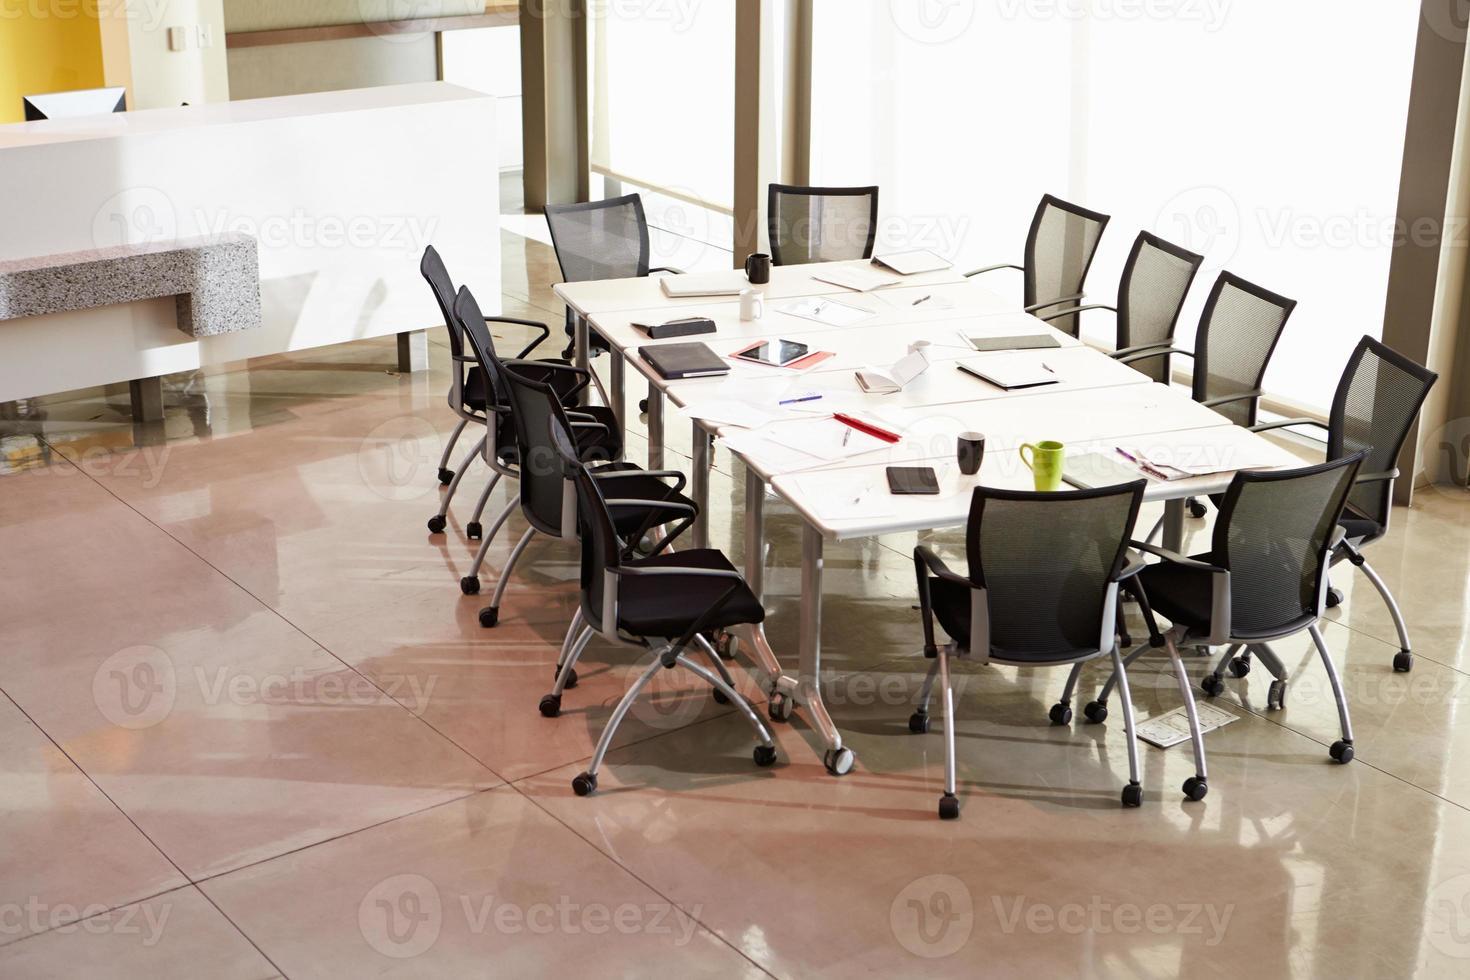 cadeiras dispostas em torno da mesa da sala de reuniões vazia foto